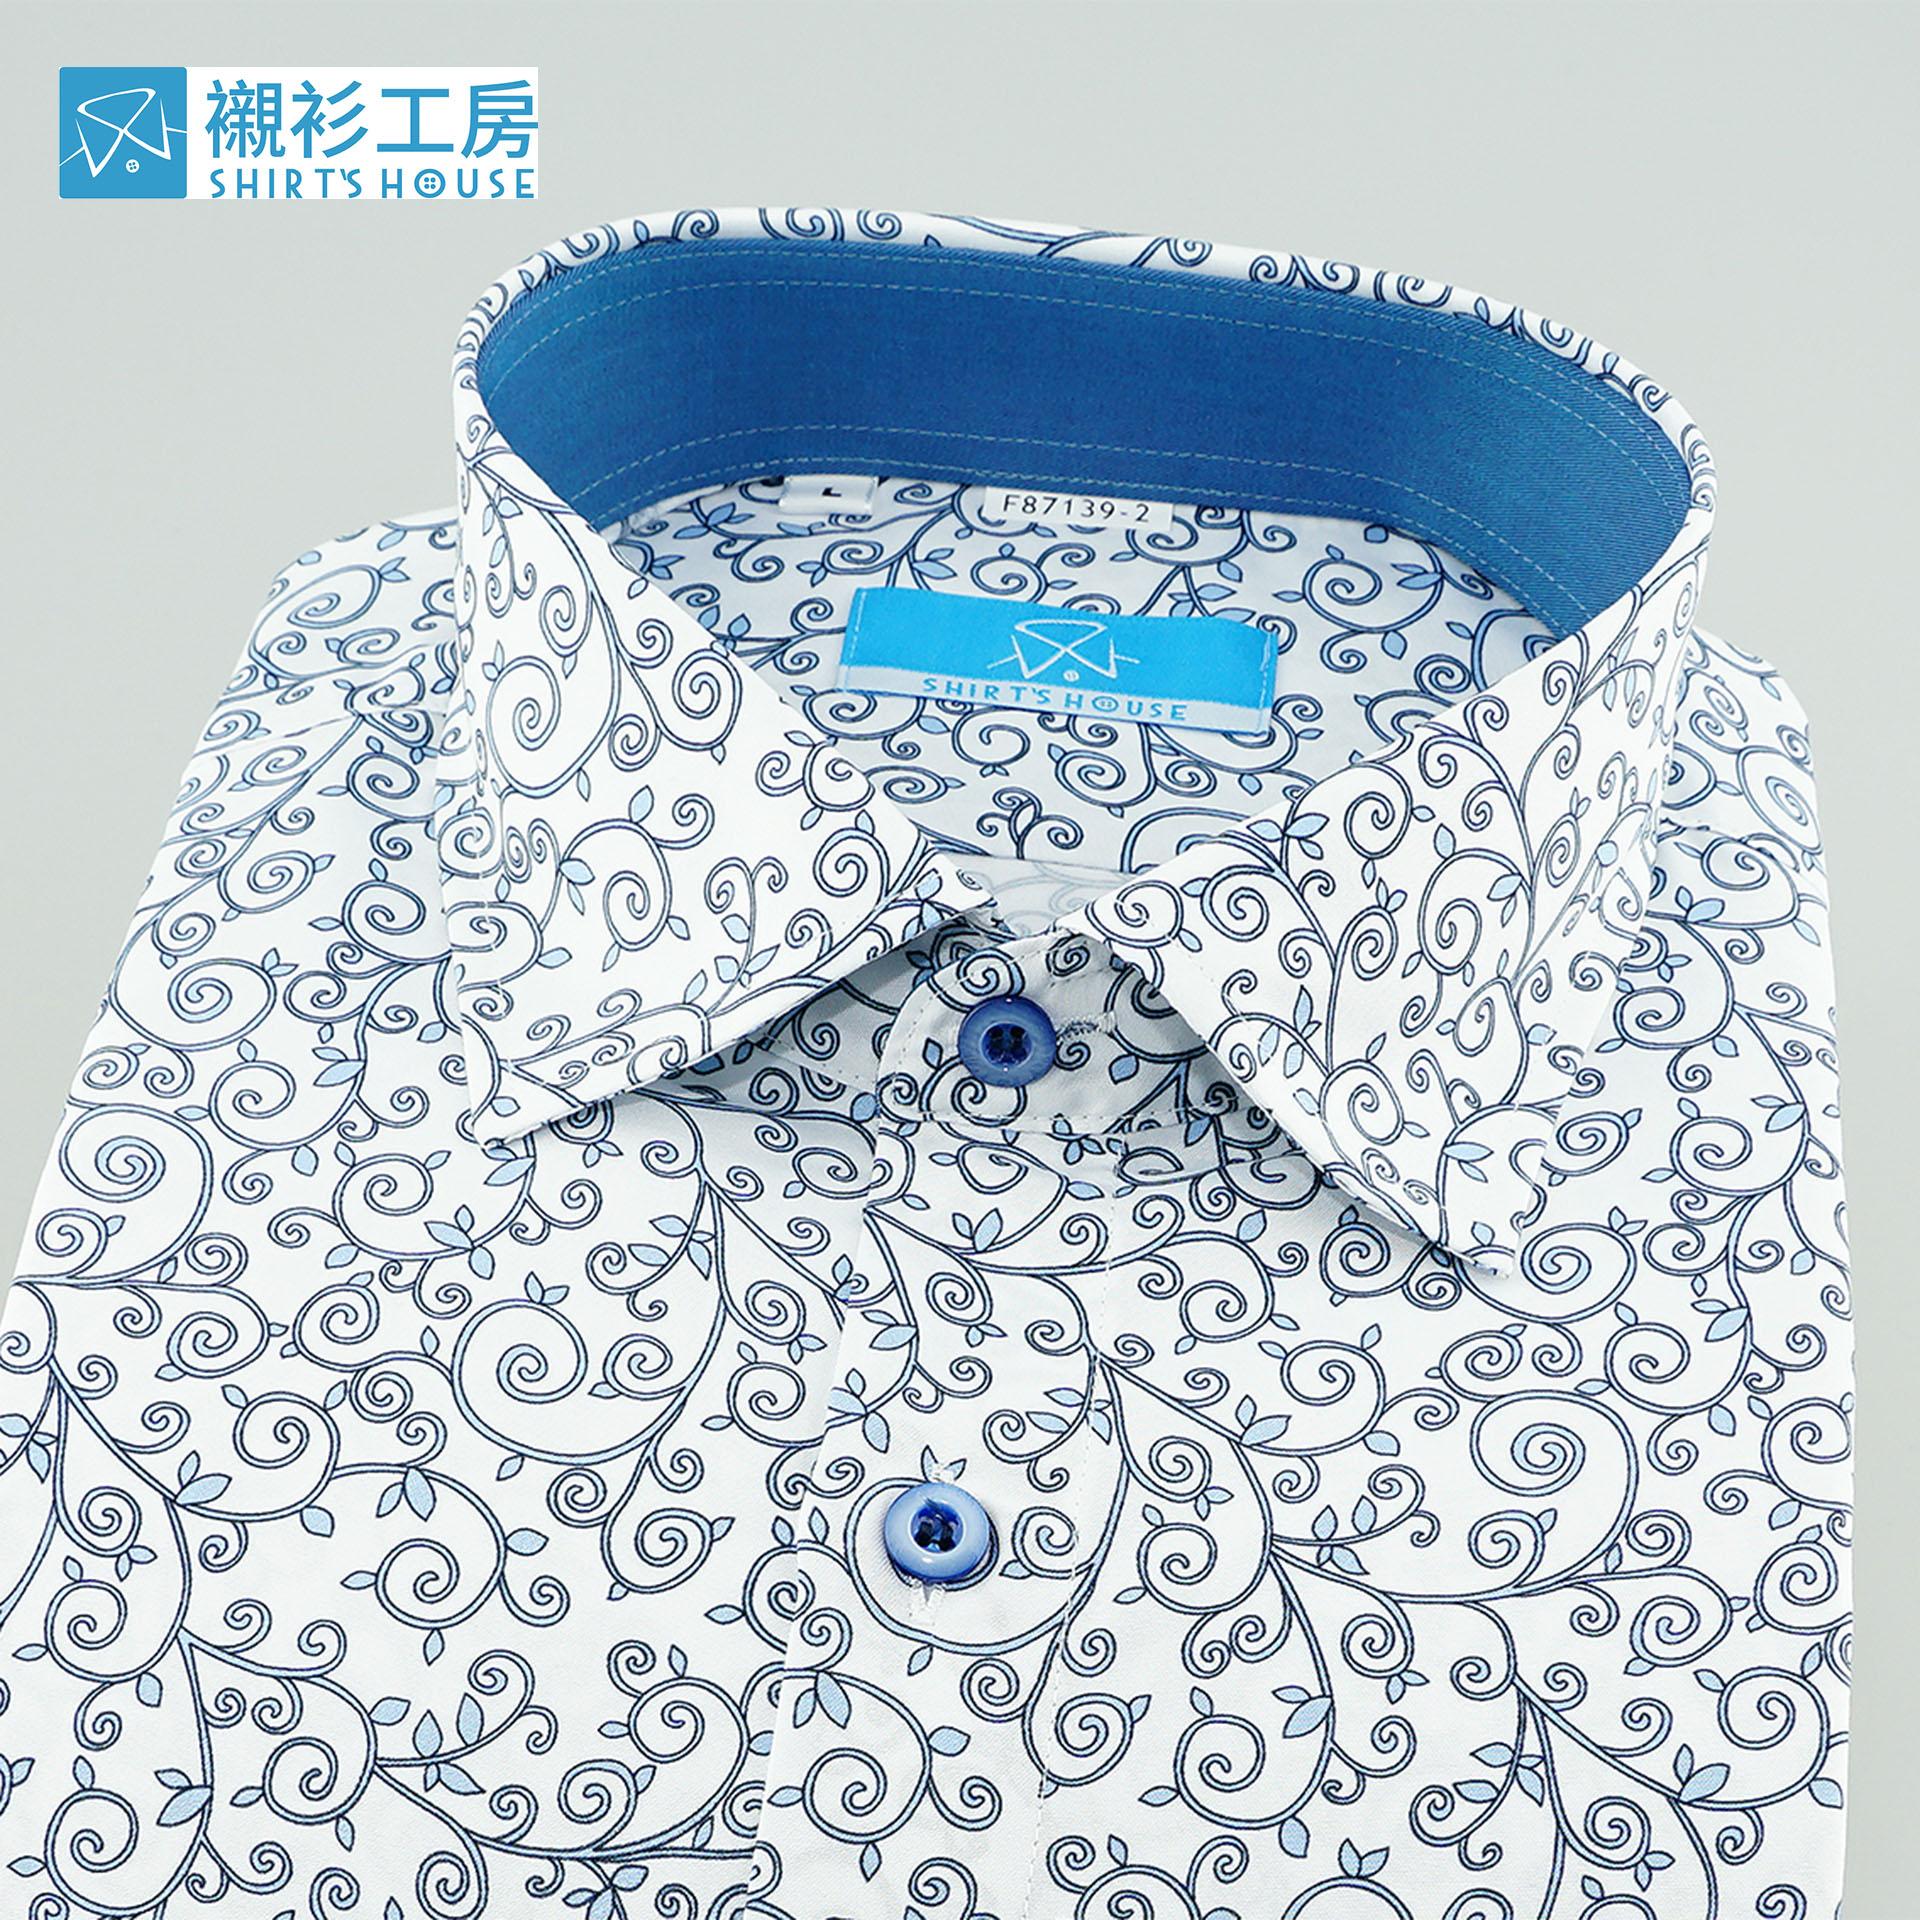 白底淺藍色瓜藤綿延抽象印花、領座配布合身長袖襯衫87139-02 -襯衫工房